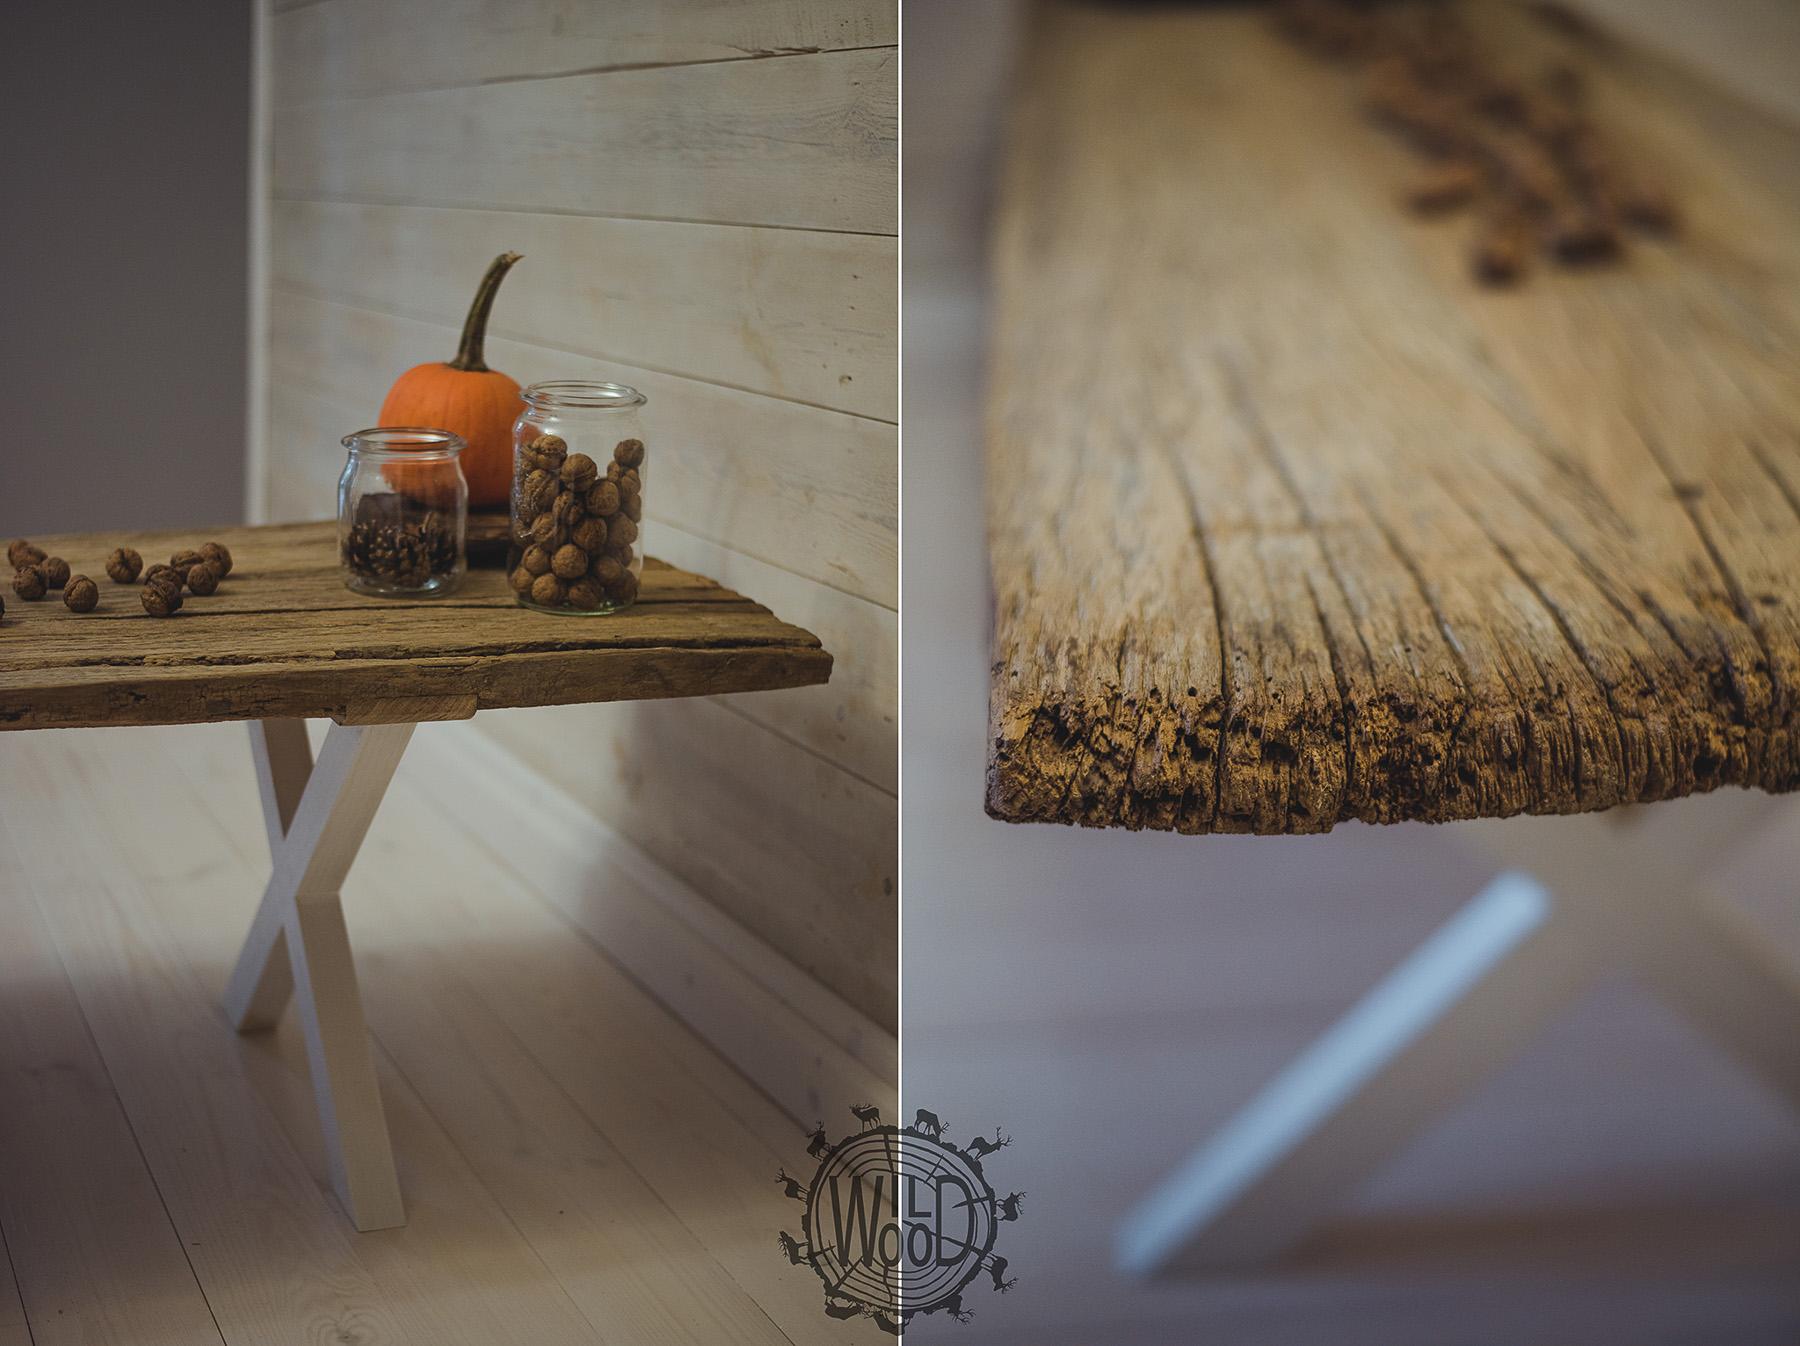 stolarz białystok, nietypowe meble białystok, usługi stolarskie podlaskie, wildwood, usługi stolarskie białystok, stolarz podlaskie, meble ze starego drewna, stół dębowy białystok knyszyn, stół z dębu białystok